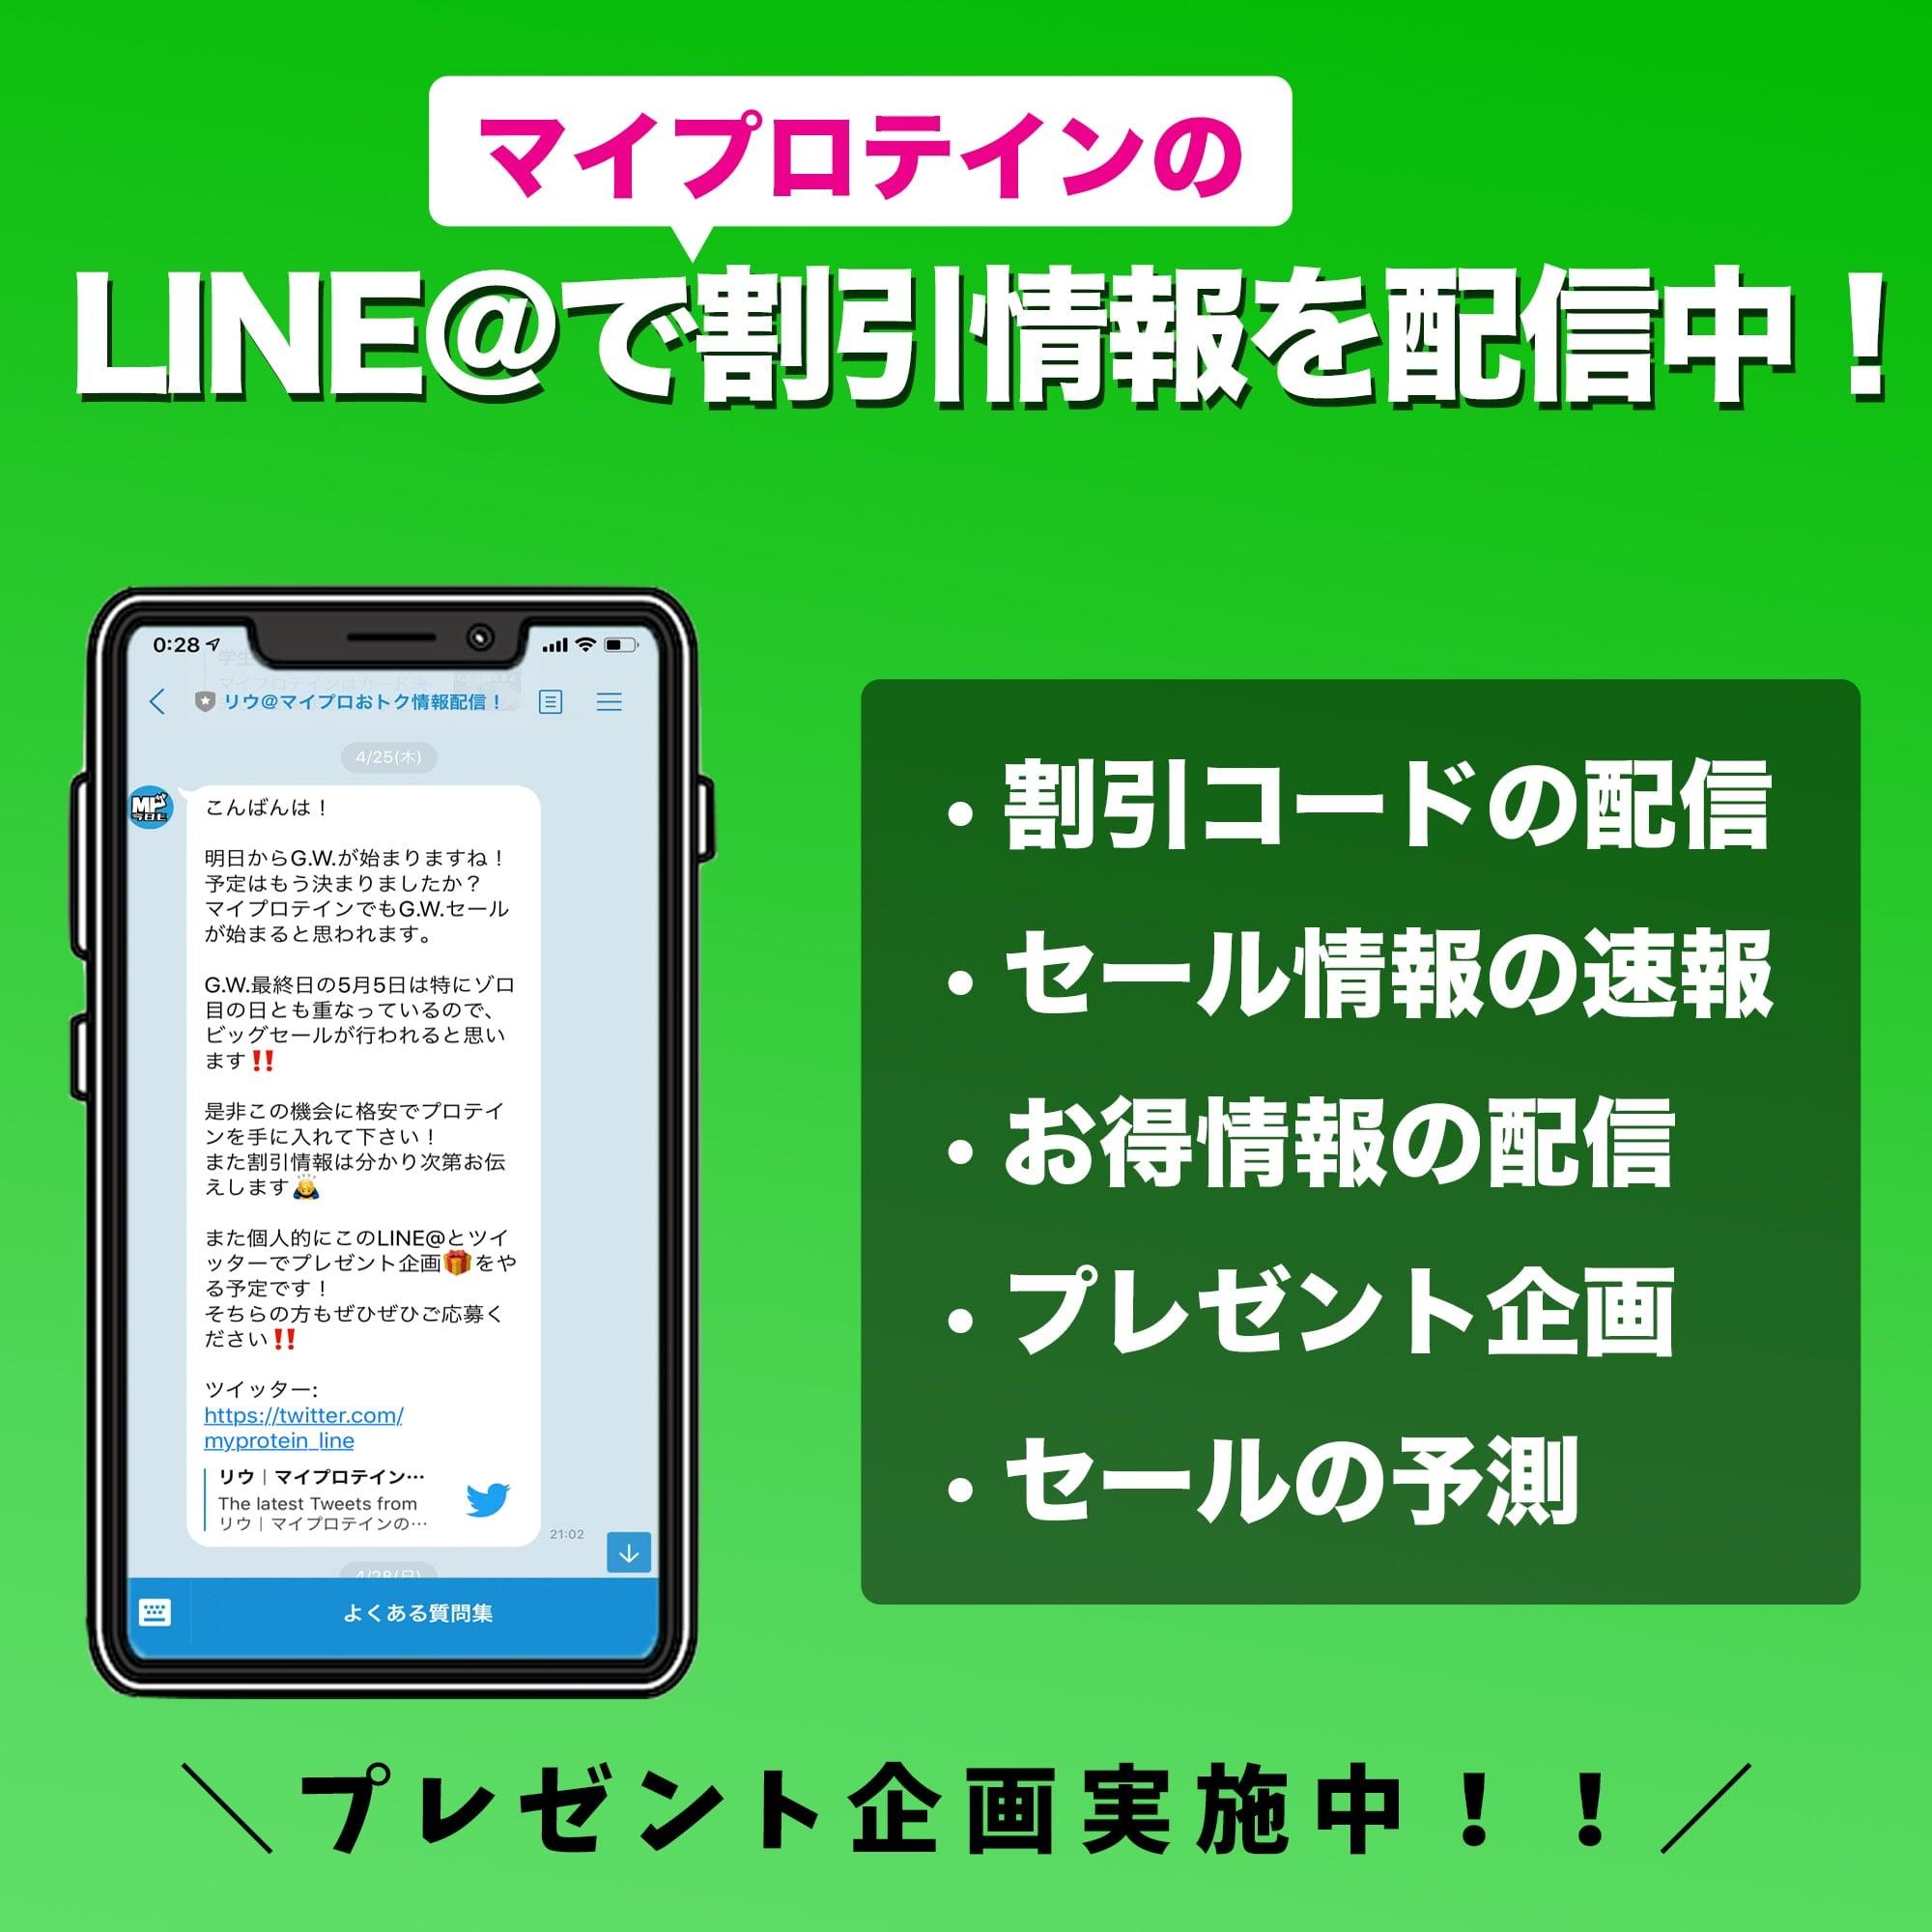 LINE@のアイキャッチ画像